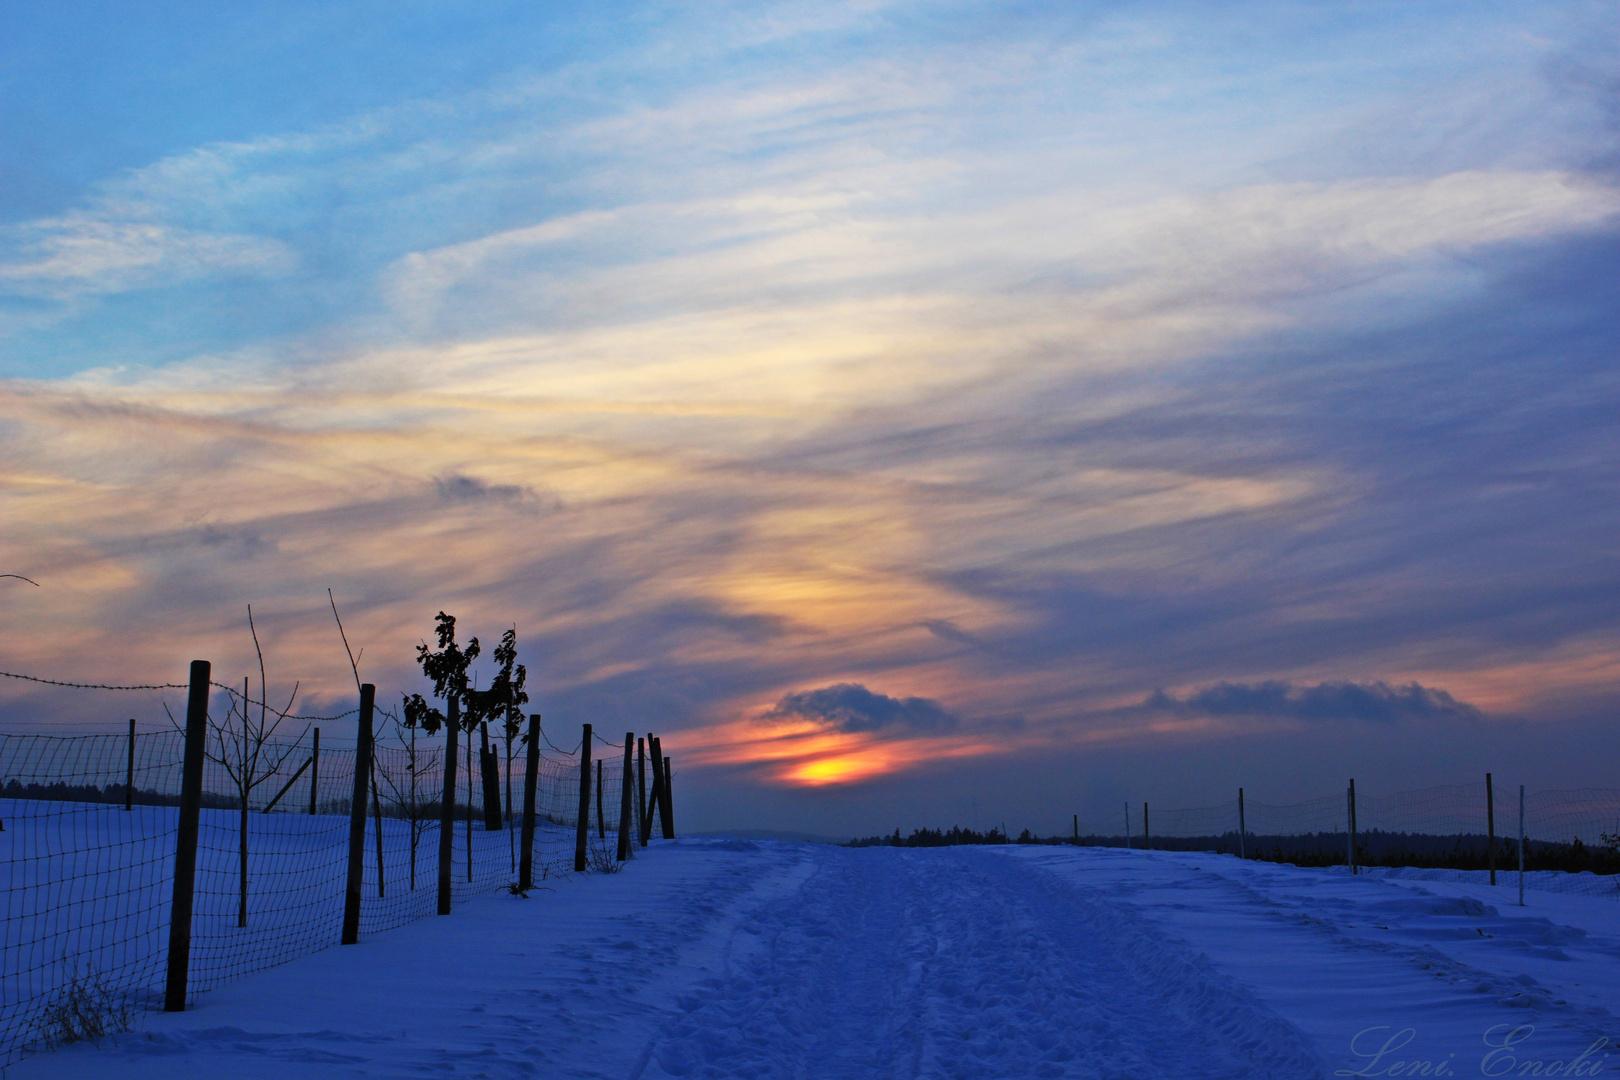 Auch im Winter geht die Sonne unter - nur früher.